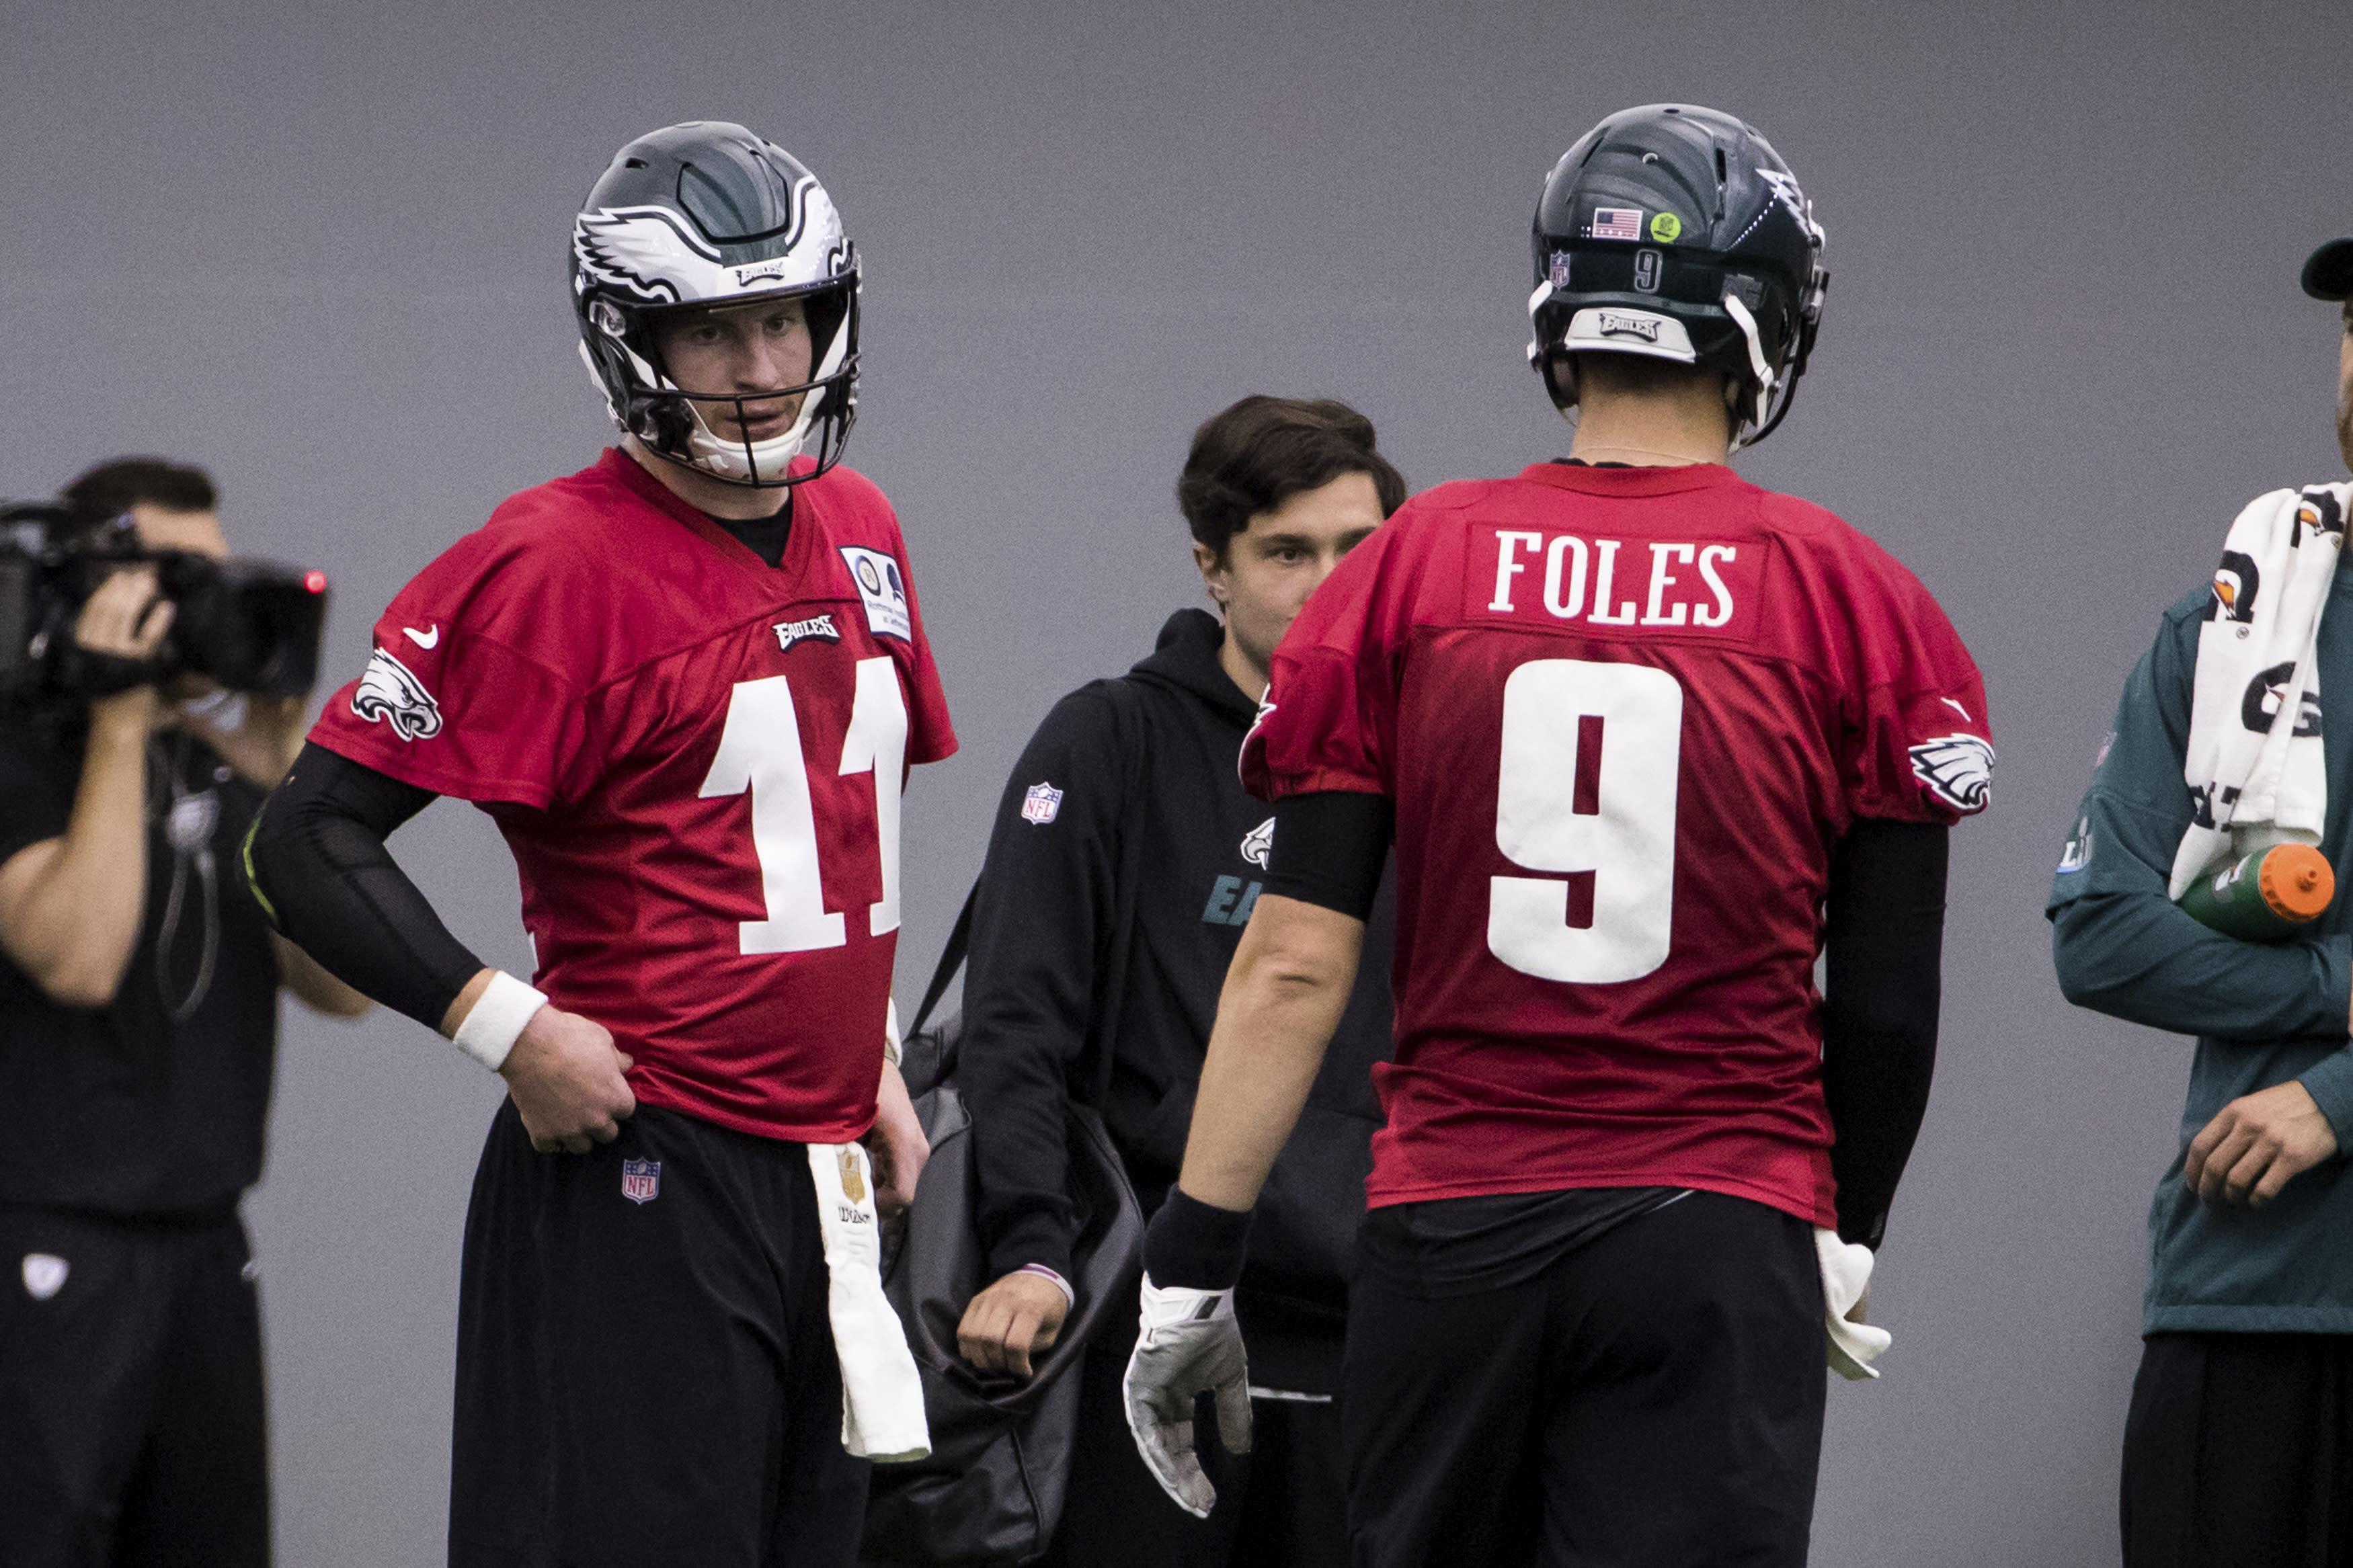 014824fd801 Eagles' Nick Foles leads player-merchandise sales list